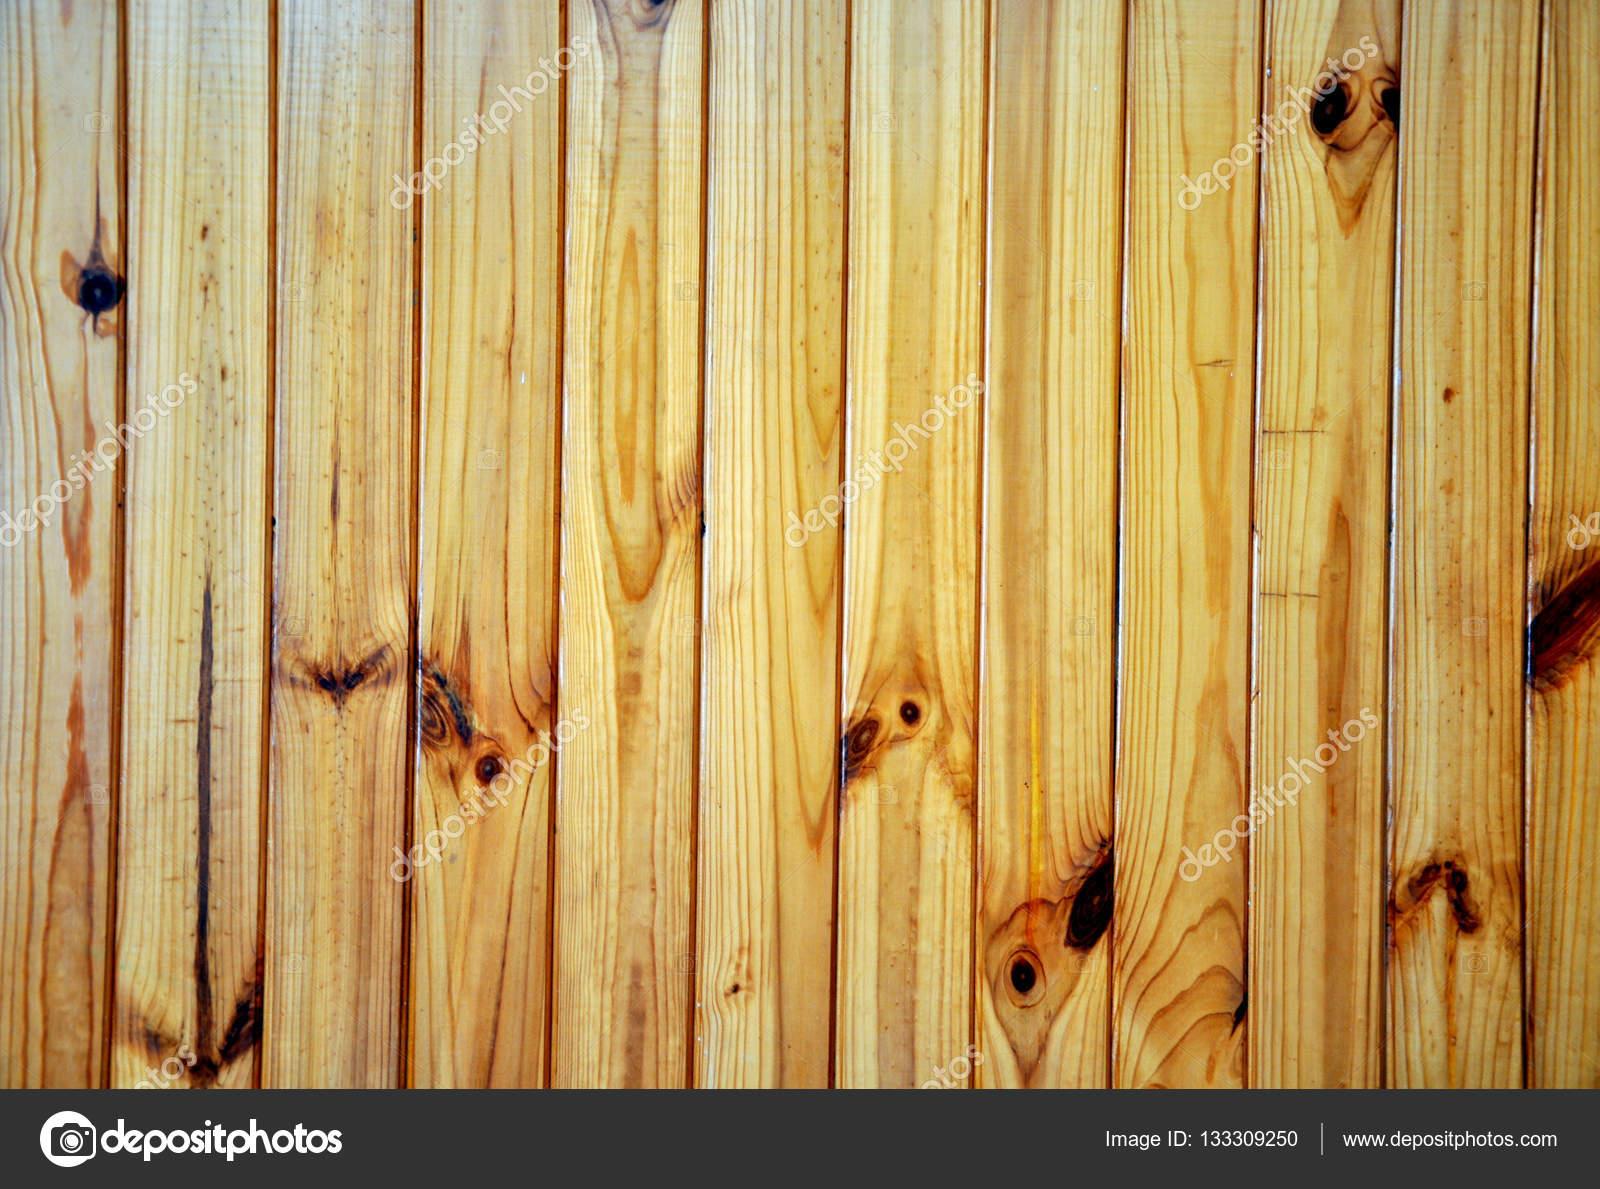 Doghe In Legno Per Pareti : Parete in legno coperta di tegoli planking cornice texture doghe